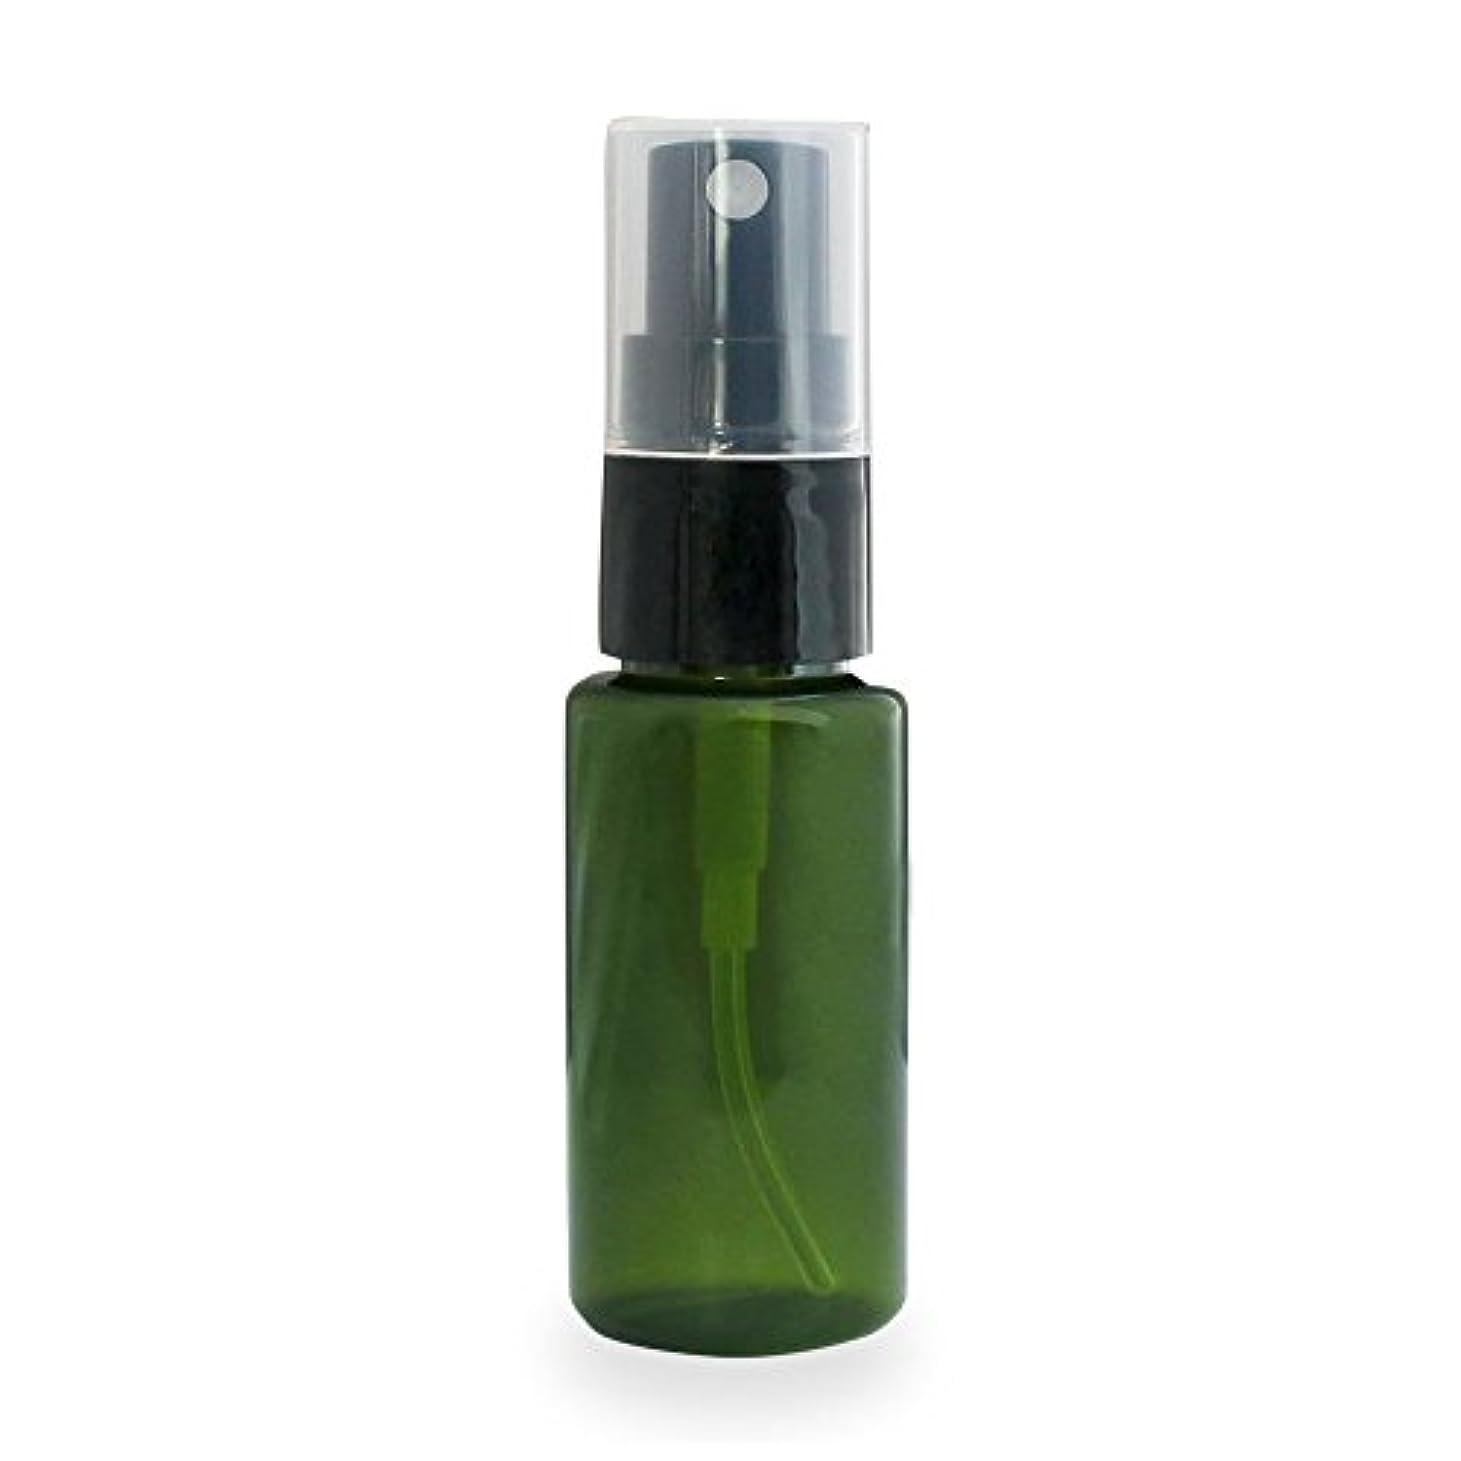 アセンブリスイング懇願するスプレーボトル30ml(グリーン)(プラスチック容器 オイル用空瓶 プラスチック製-PET 空ボトル アロマスプレー)